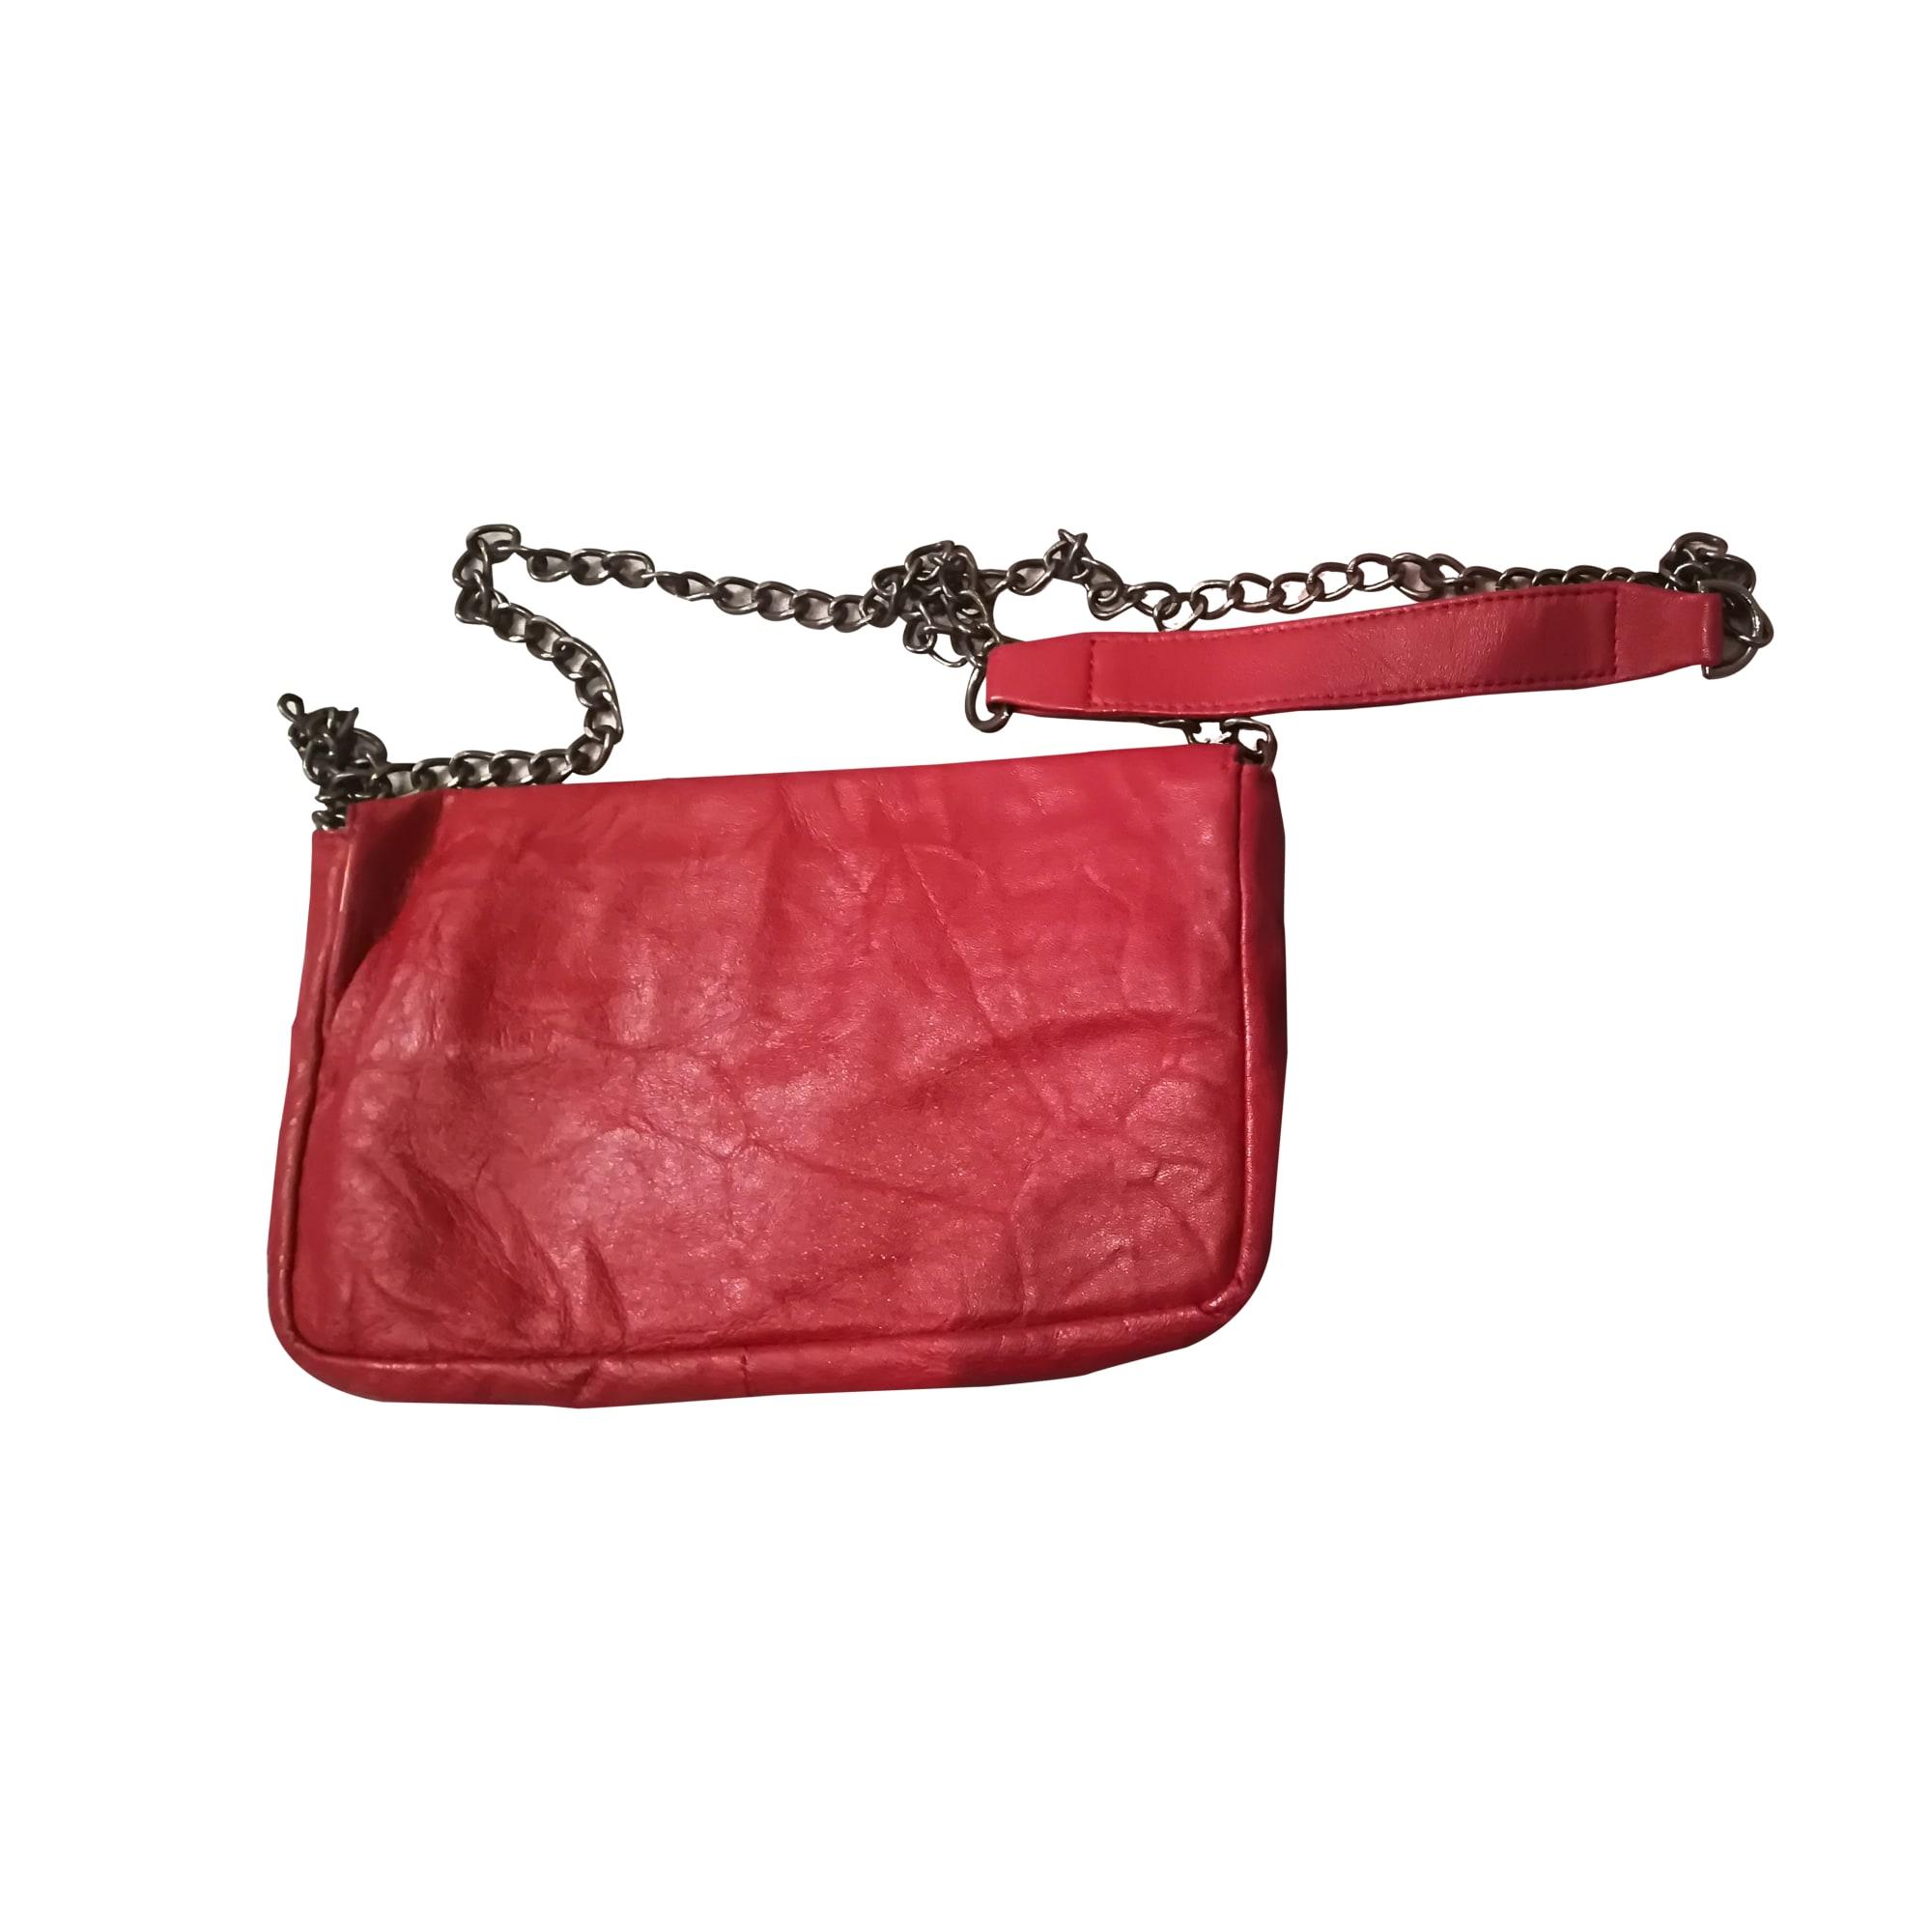 Sac pochette en cuir KOOKAI cuir rouge